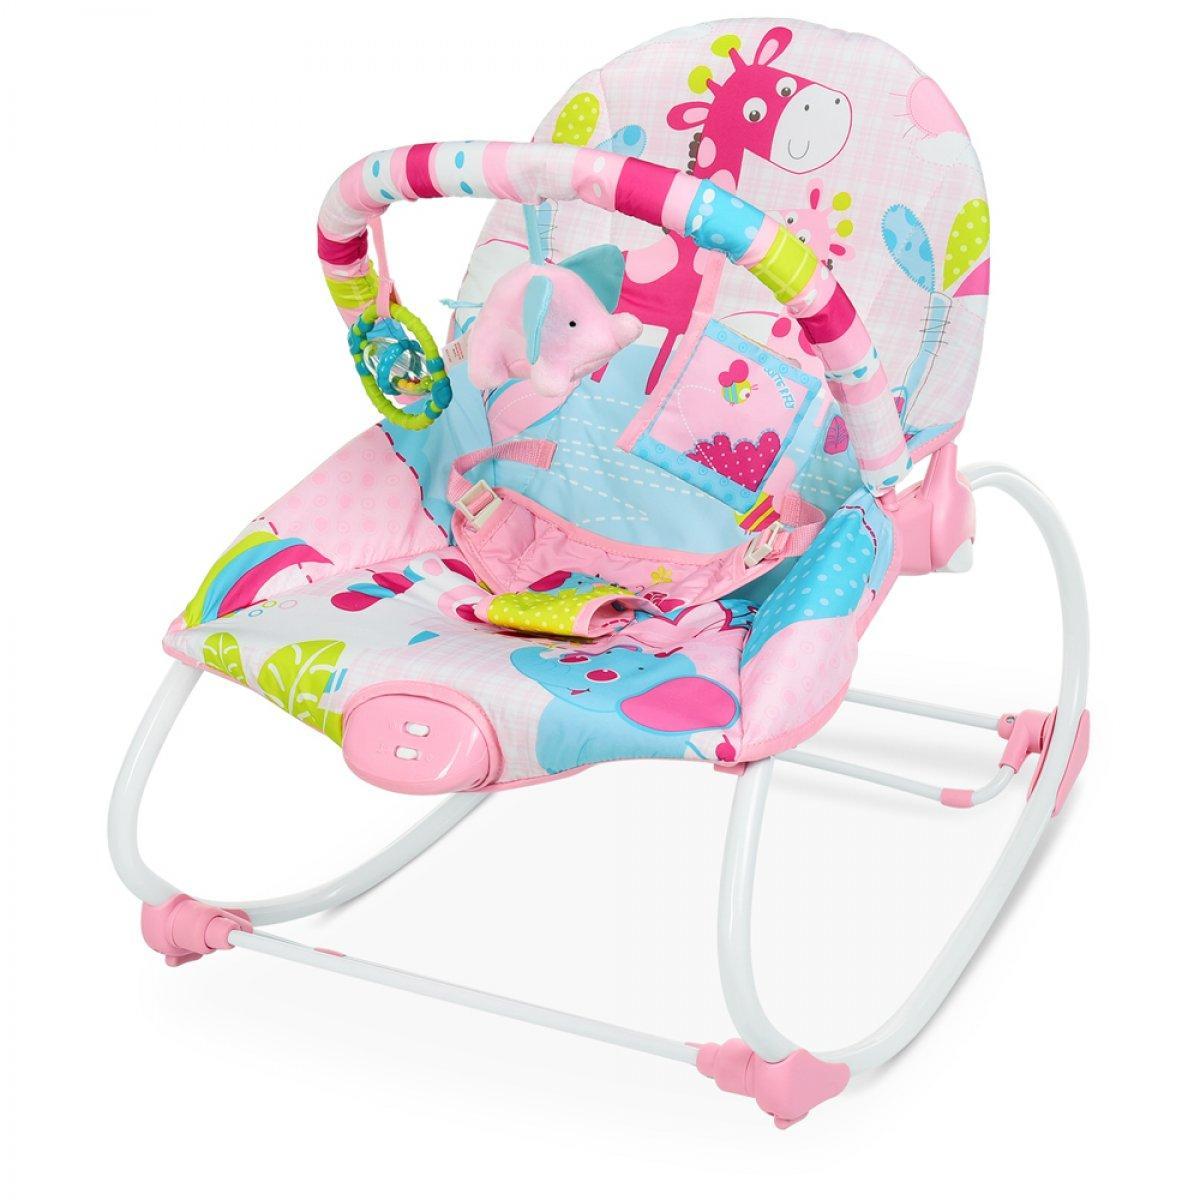 Детский шезлонг-качалка с вибрацией Mastela 6921 Розовый, музыка, дуга, подвески